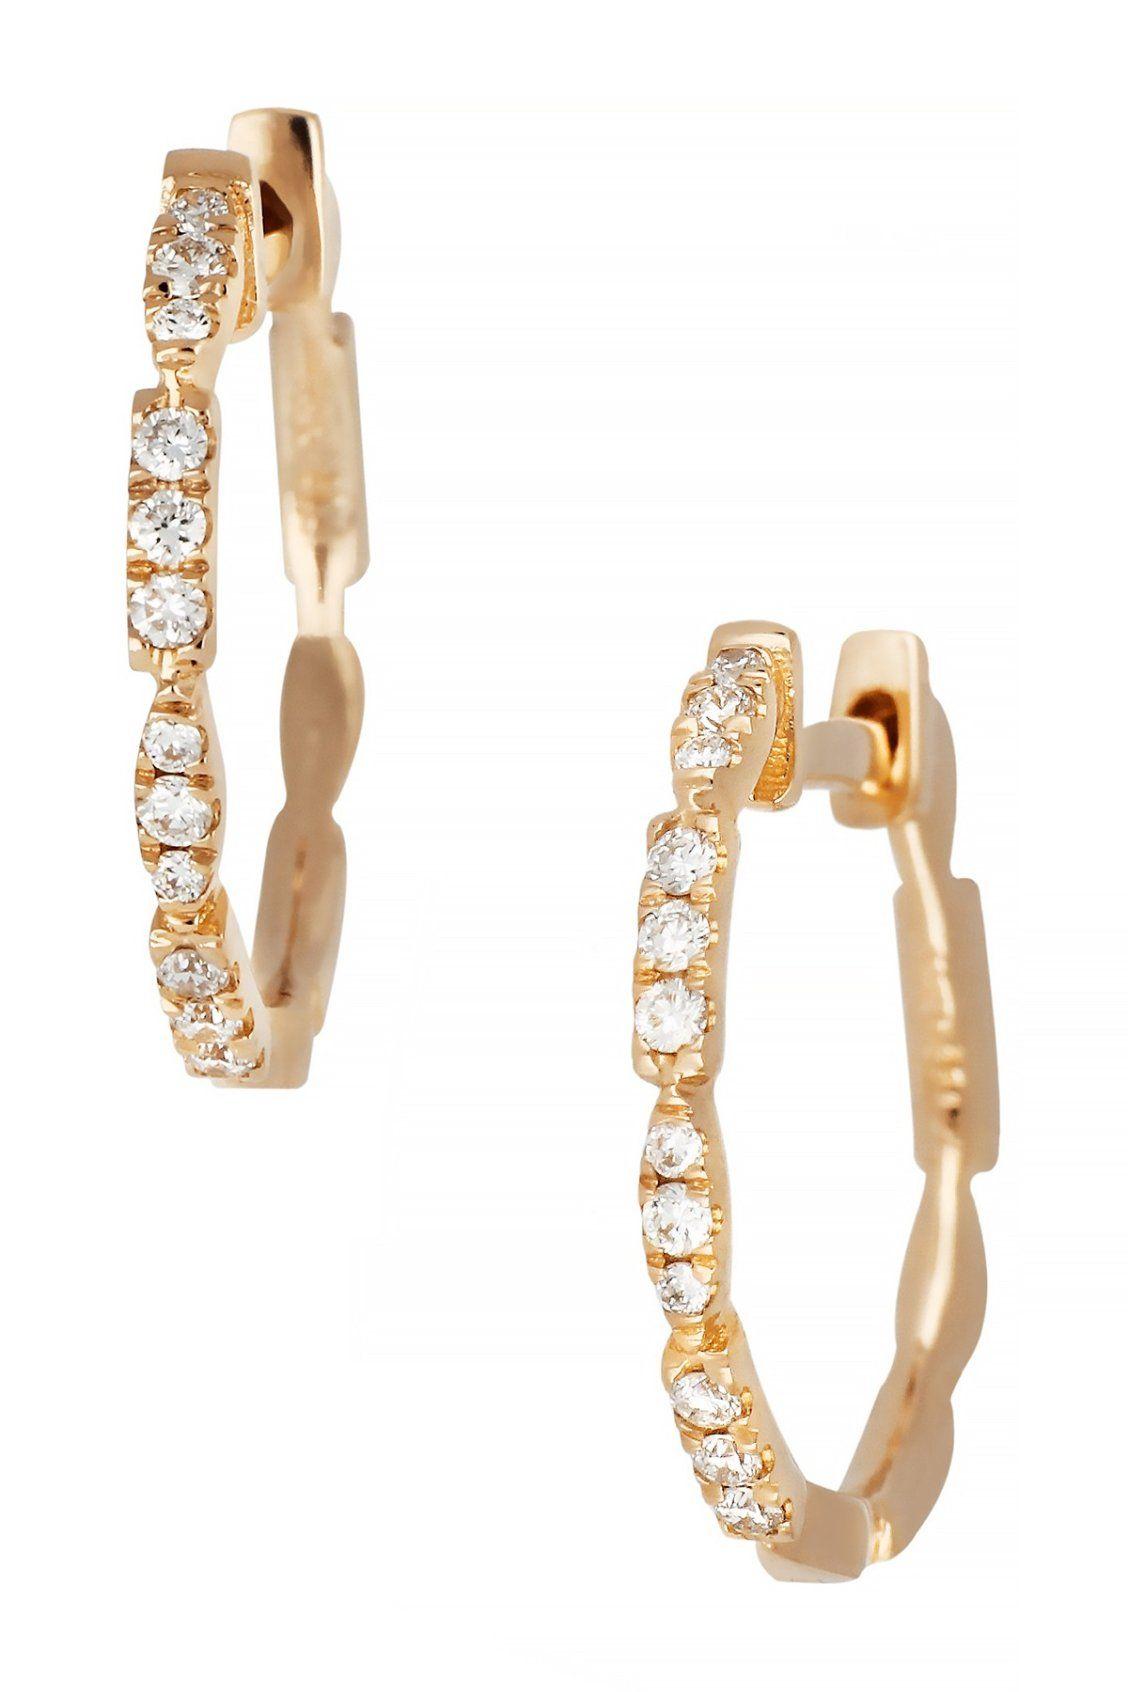 fd6495049b9a6f Bony Levy 18K Rose Gold Diamond 15mm Hoop Earrings | Gems & Jewels ...